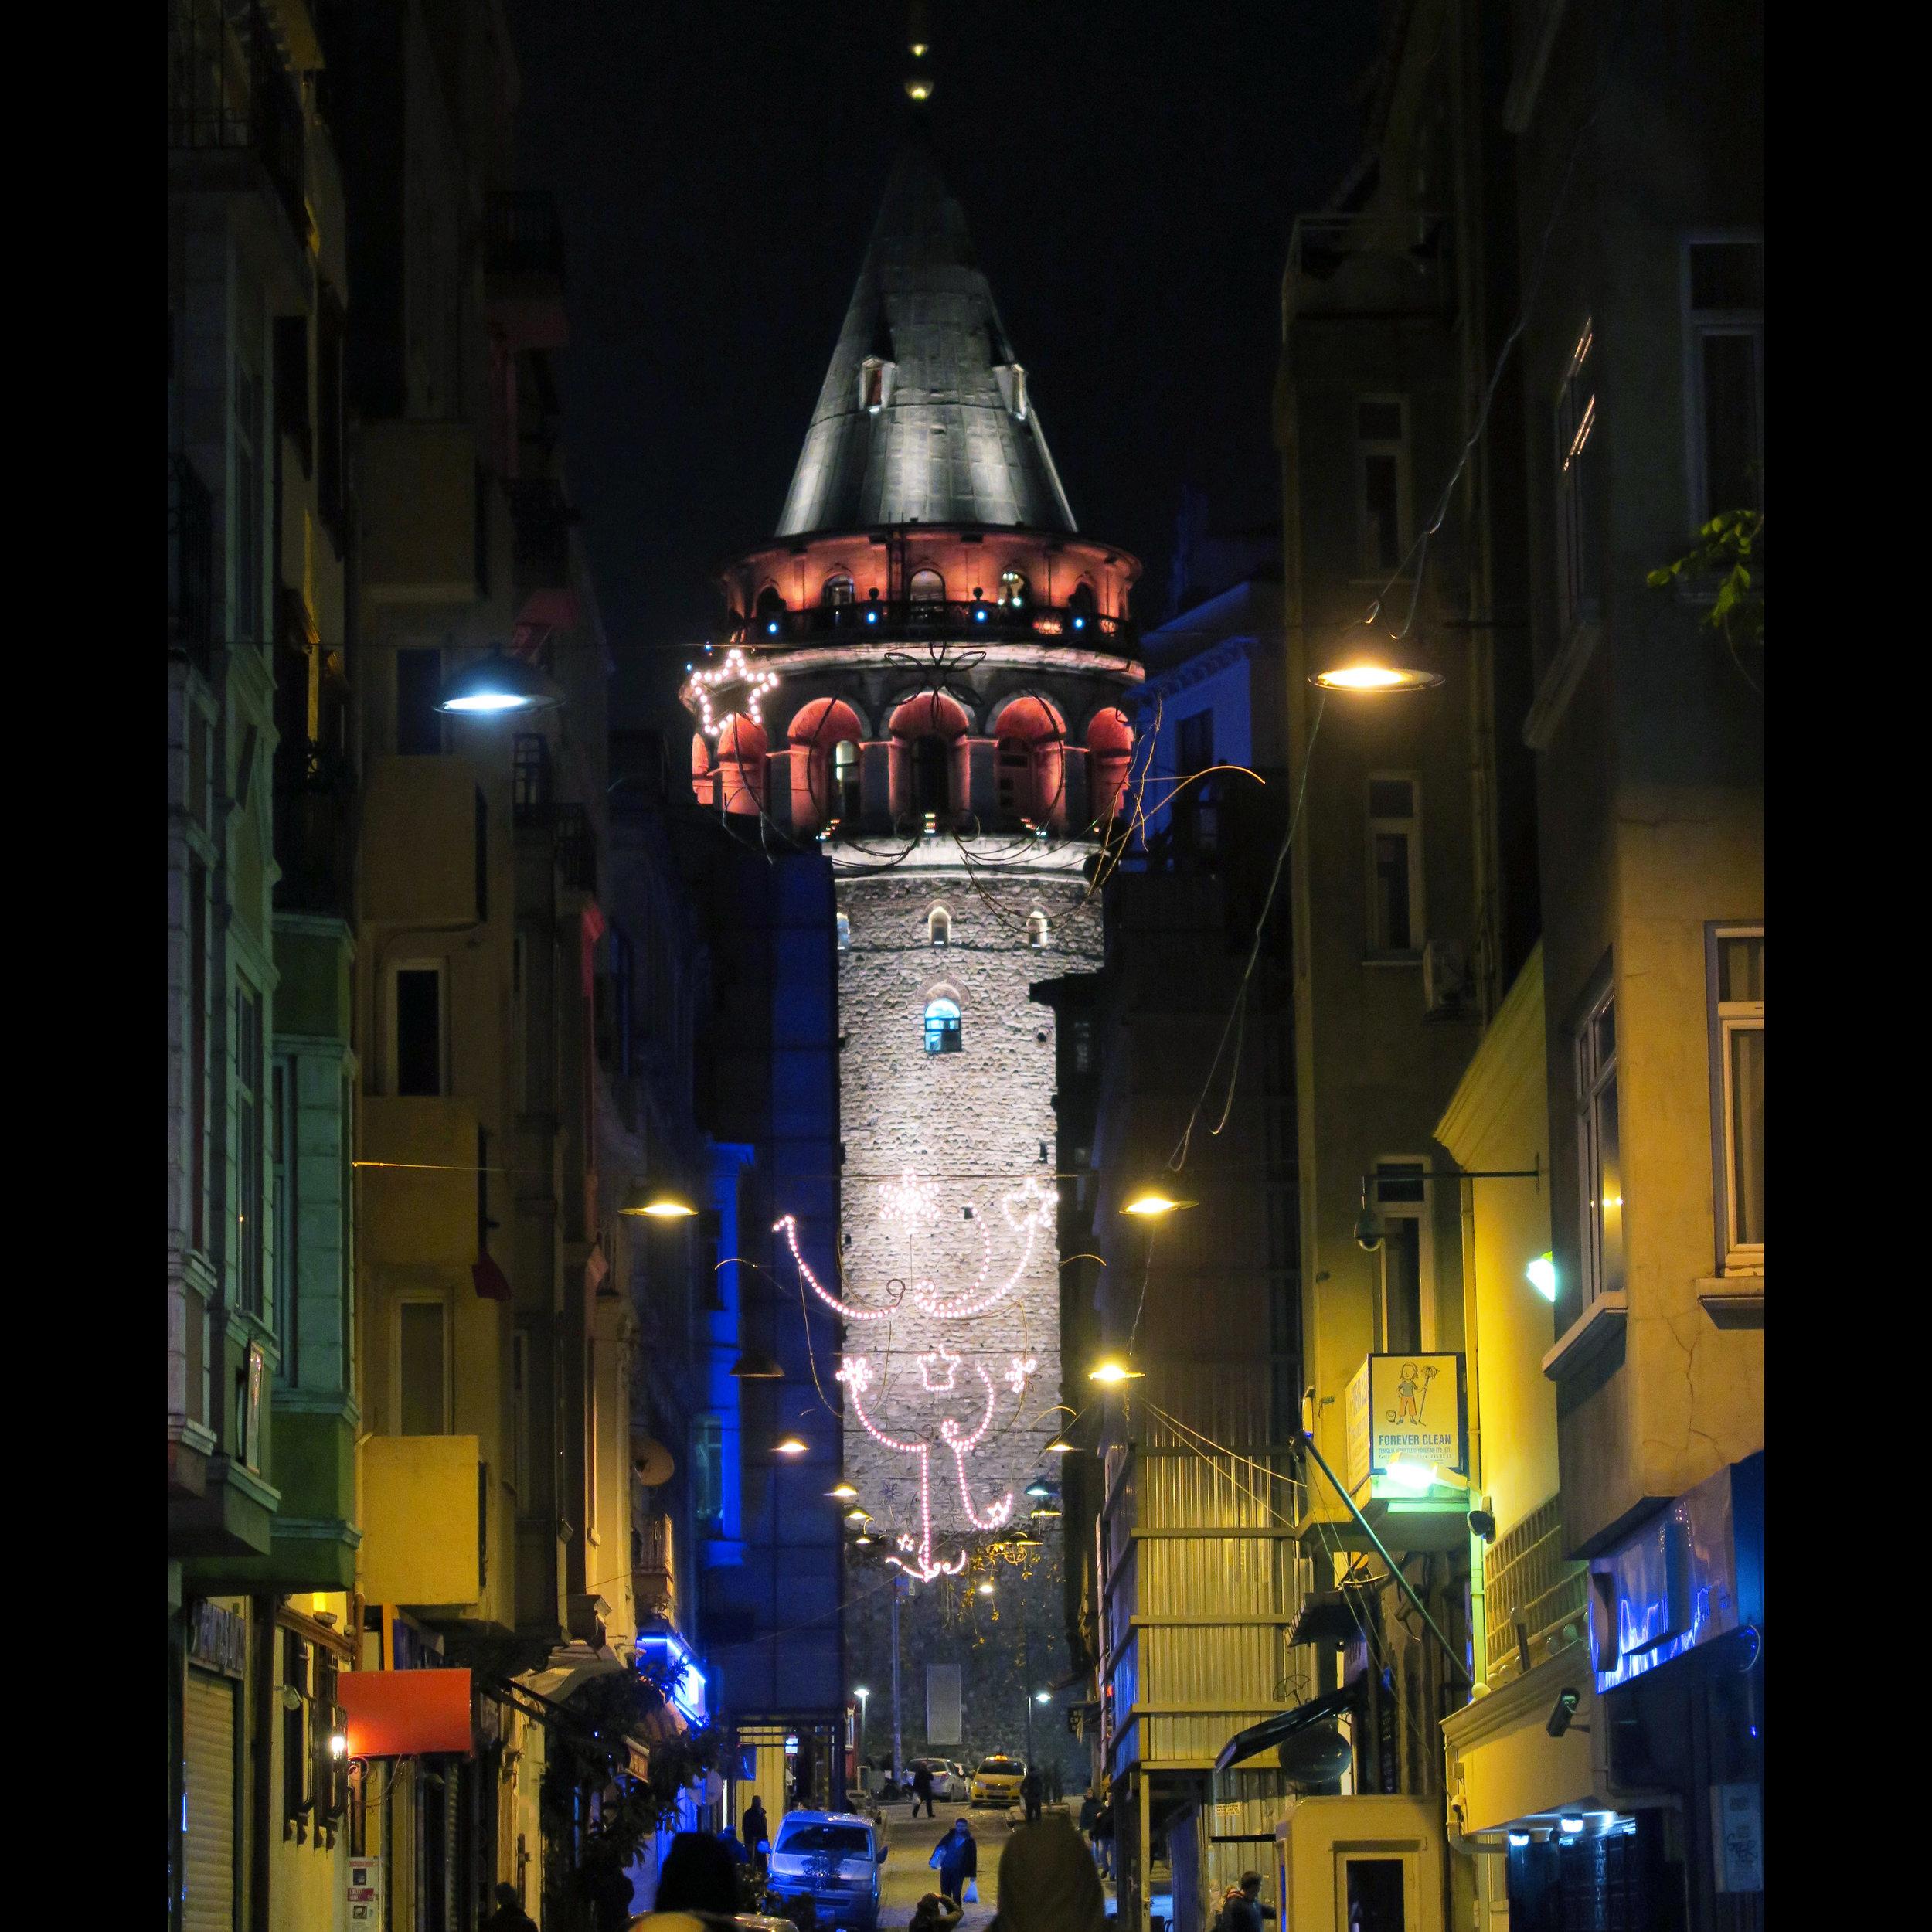 IstanbulTowerStreet.jpg